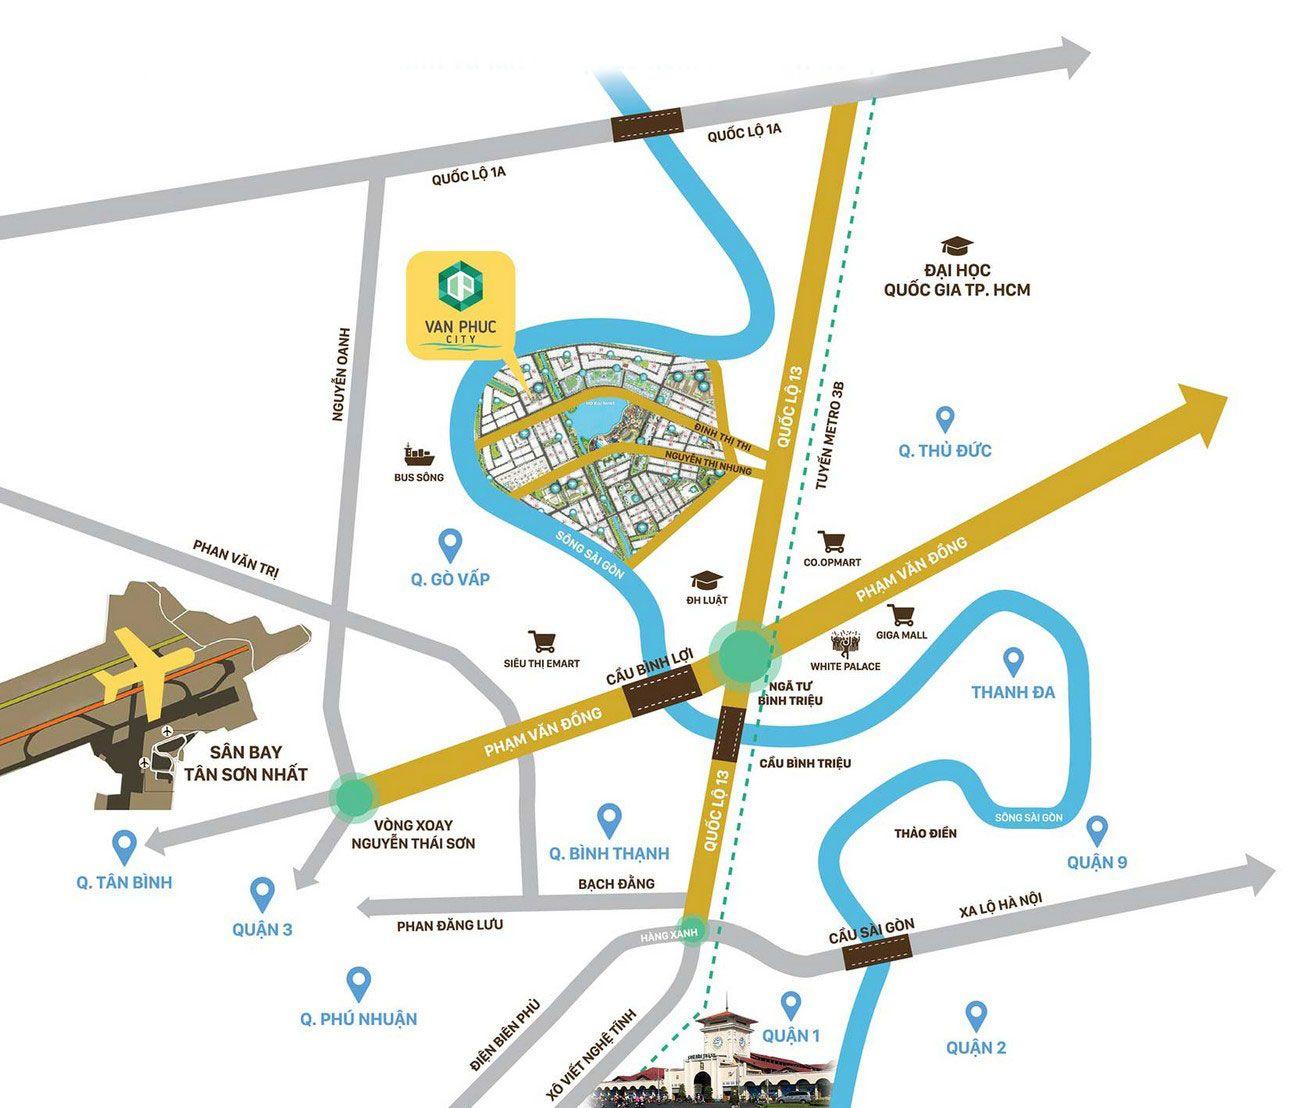 Vi Tri Du An Can Ho Khu Do Thi Van Phuc City Thu Duc 1 Nha Dat Dau Tu 24